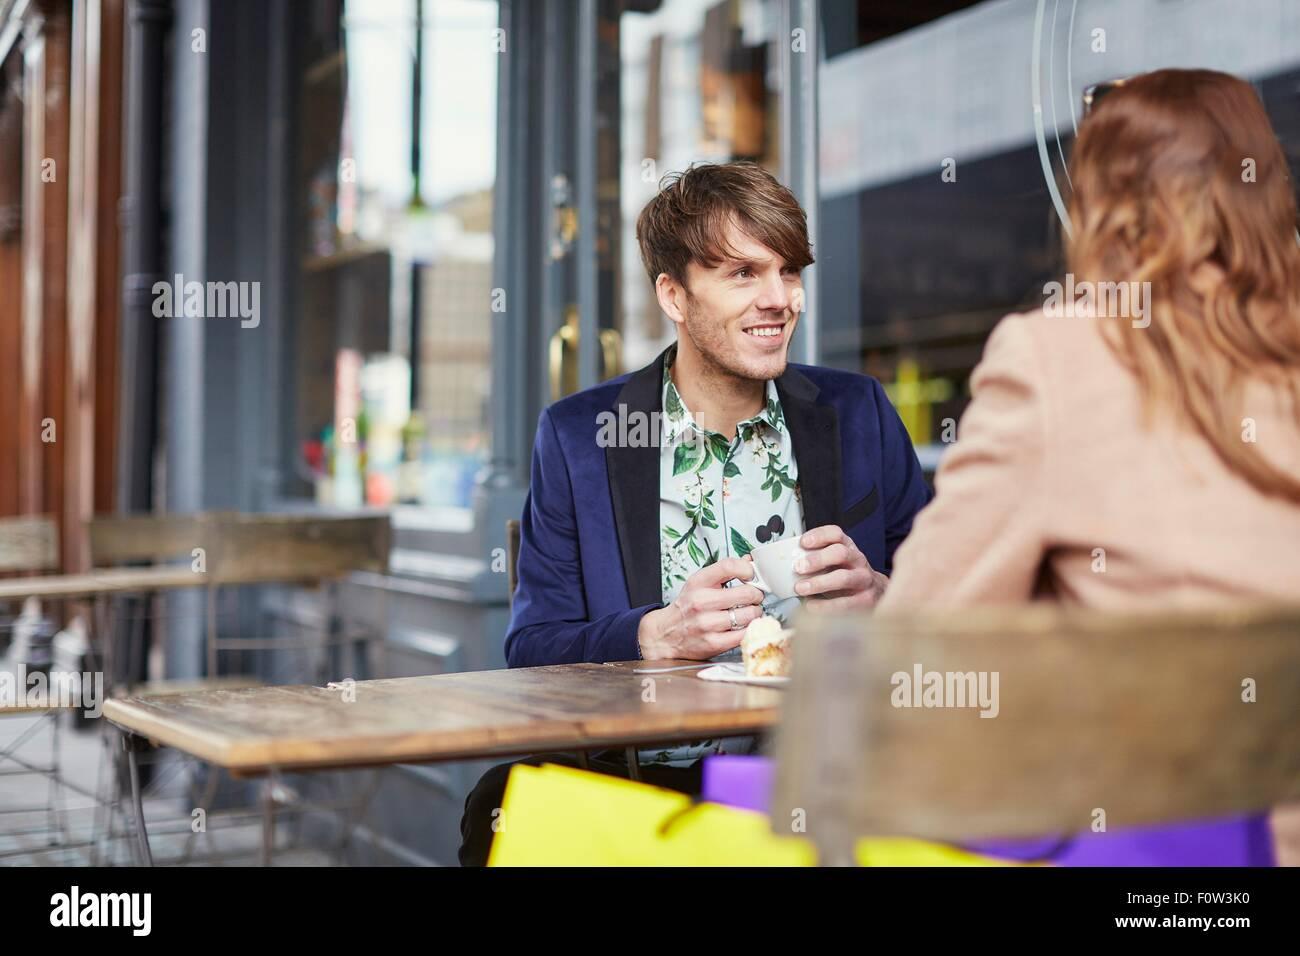 Plus d'épaule de couple chatting at sidewalk cafe, London, UK Photo Stock